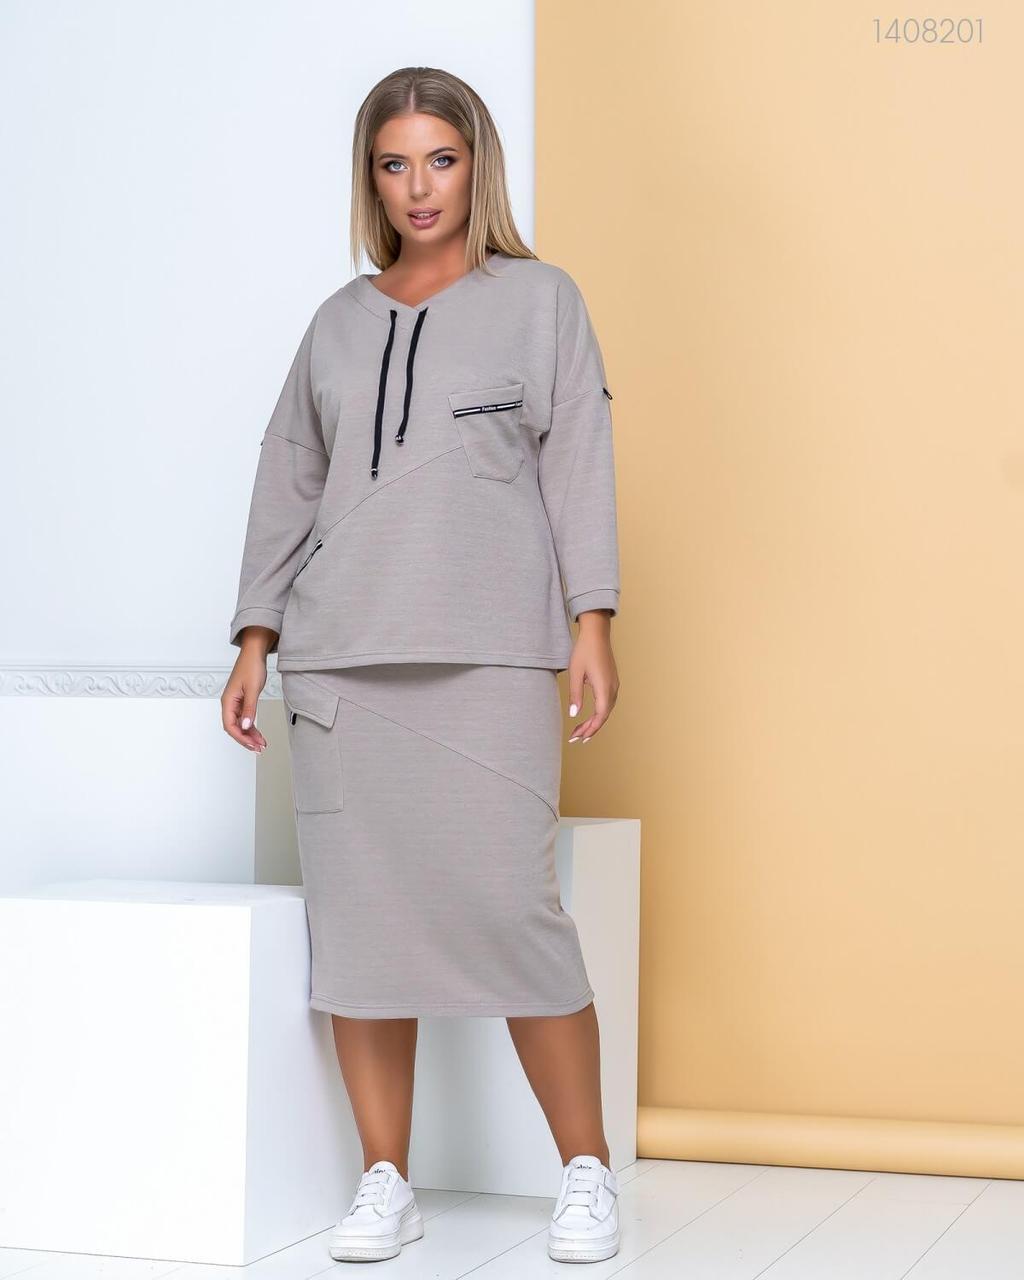 Женский юбочный костюм с кофтой с V - образным декольте в батальных размерах 83ba762